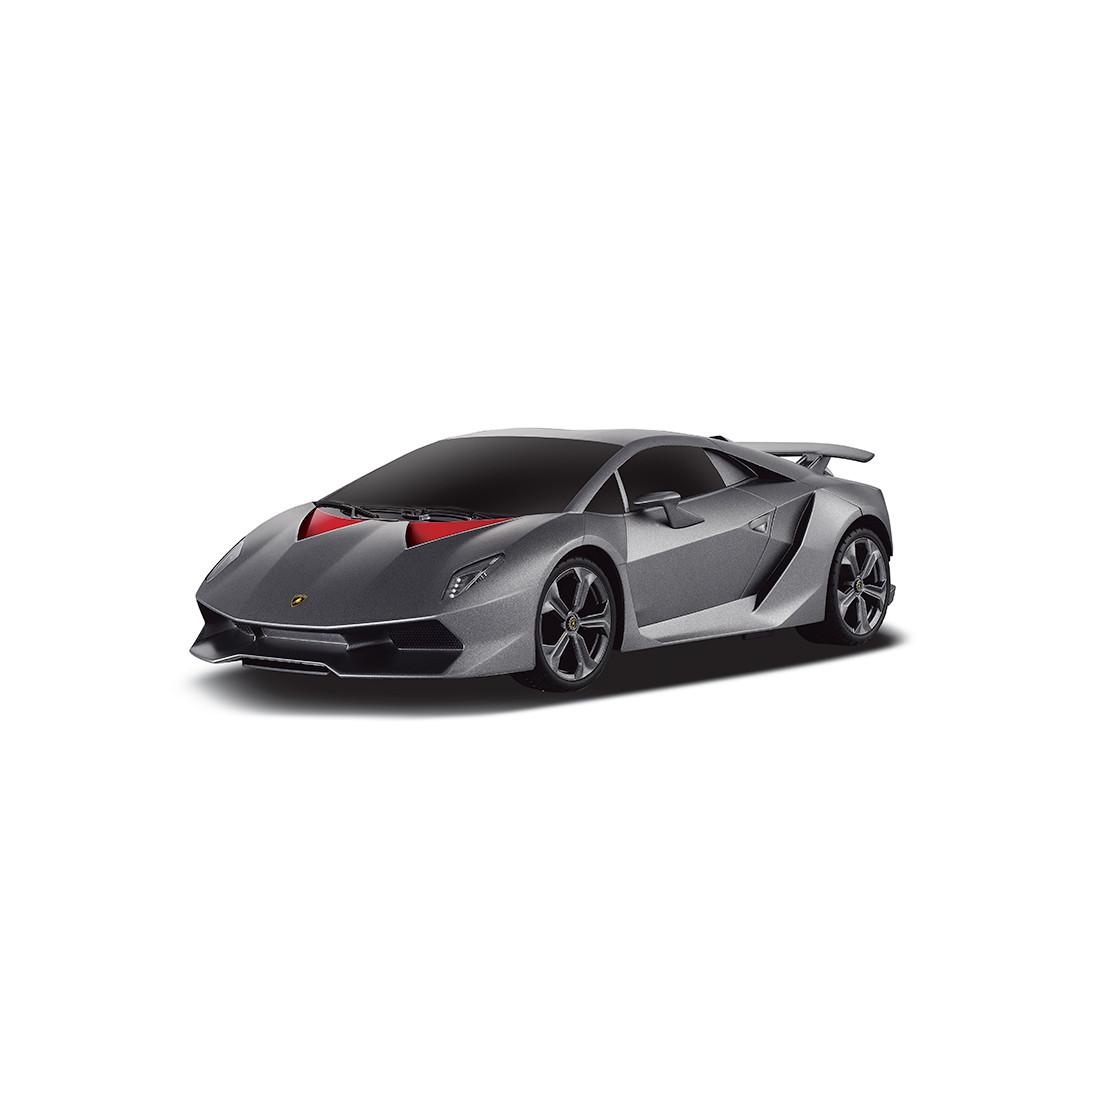 Радиоуправляемая модель автомобиль Rastar Lamborghini Sesto Elemento, 1:18, Управление: Джойстик, Материал: Пл